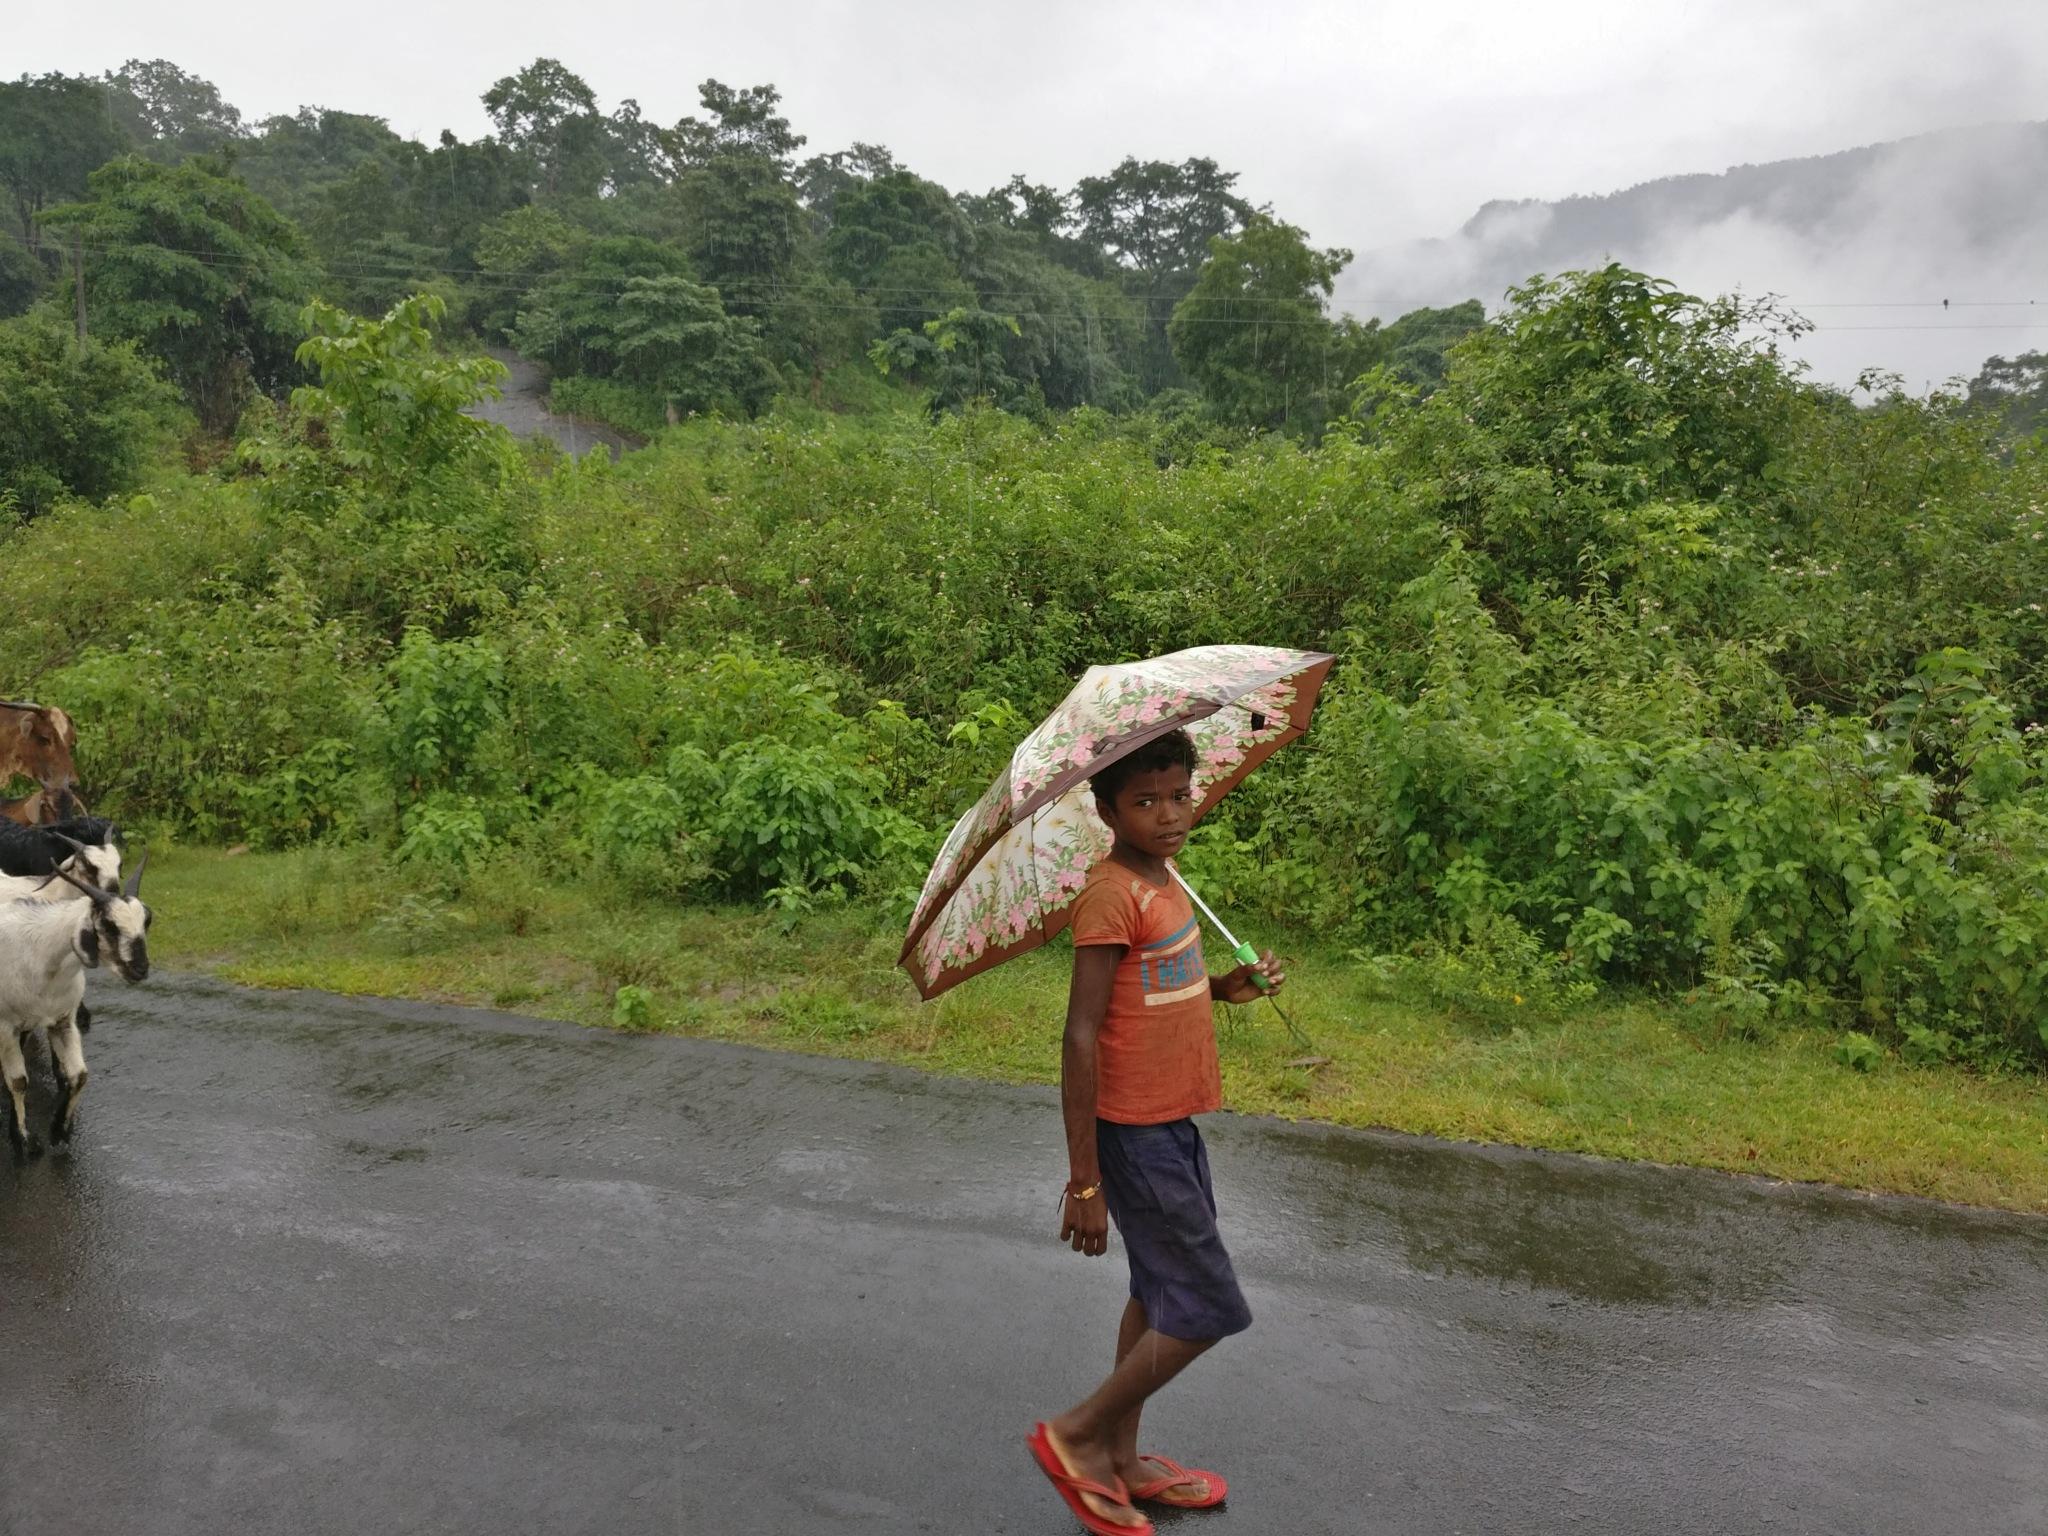 Road to school is far  by Santakar Chelapila